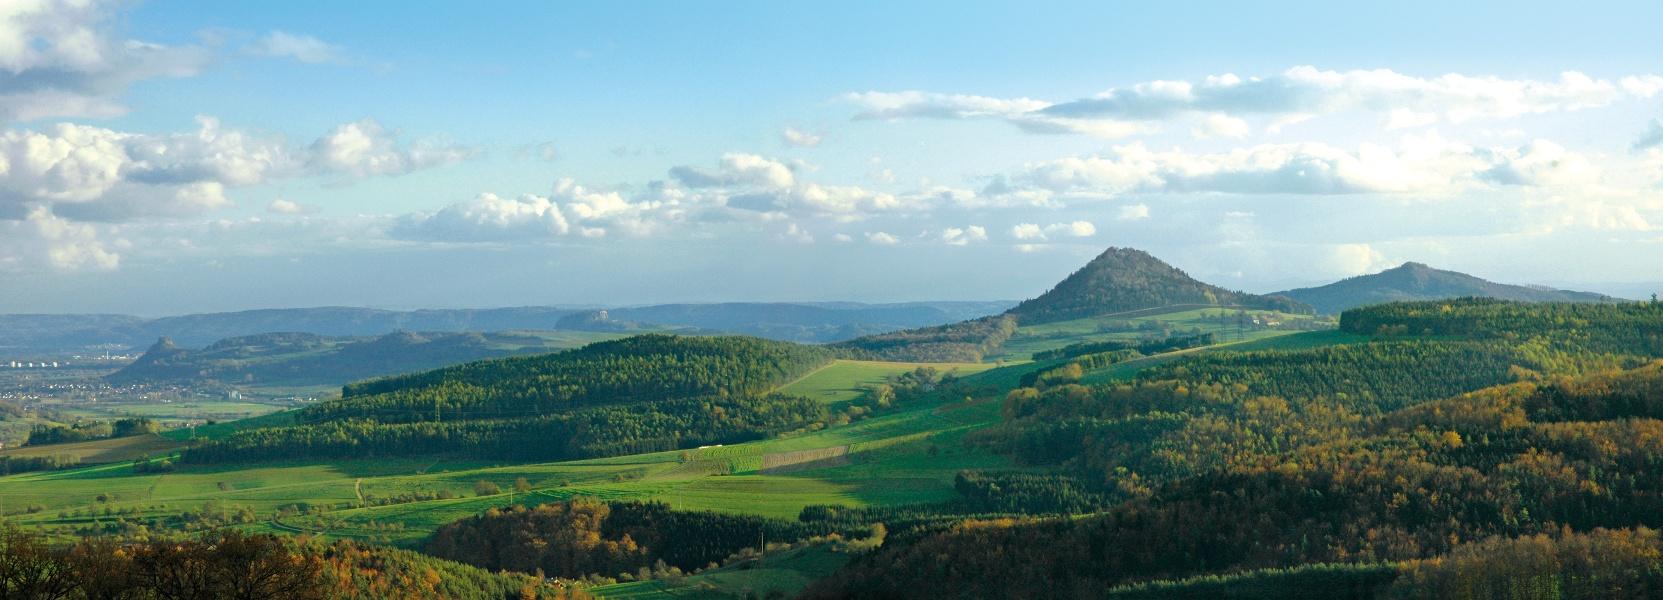 Hegau Panorama Weg - Mehretappenwanderung durch den Hegau